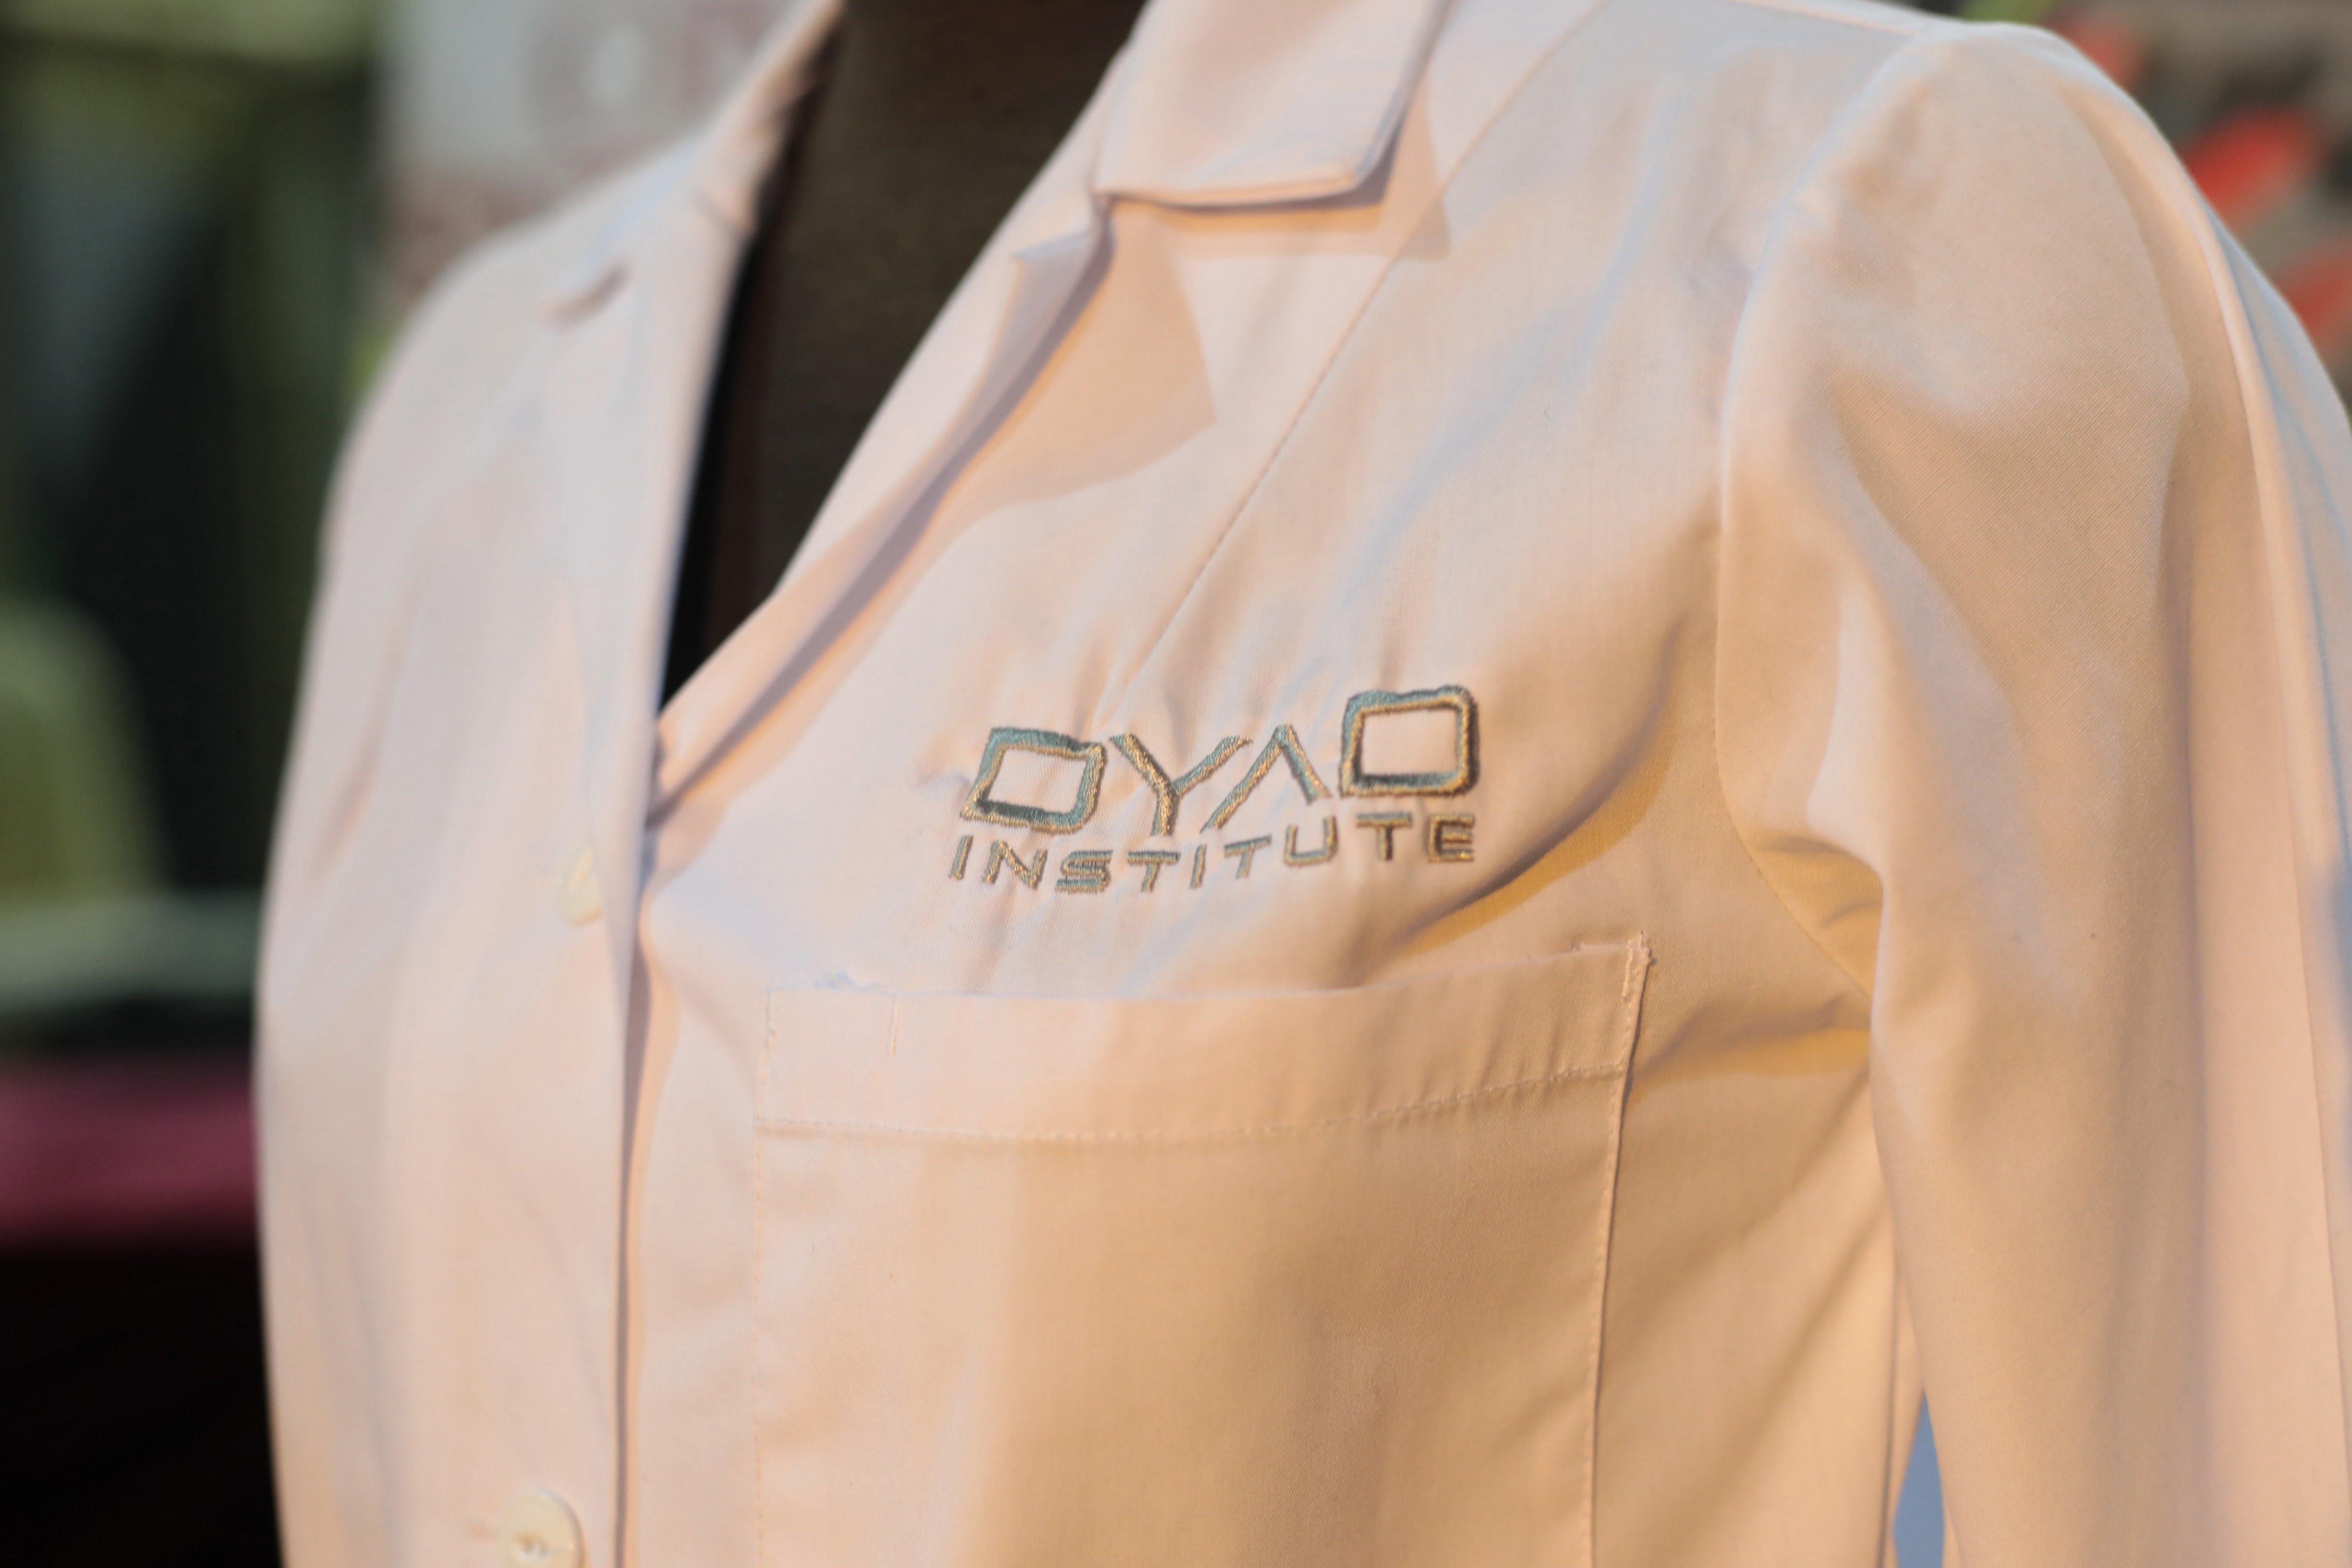 Dyad Institute lab coat